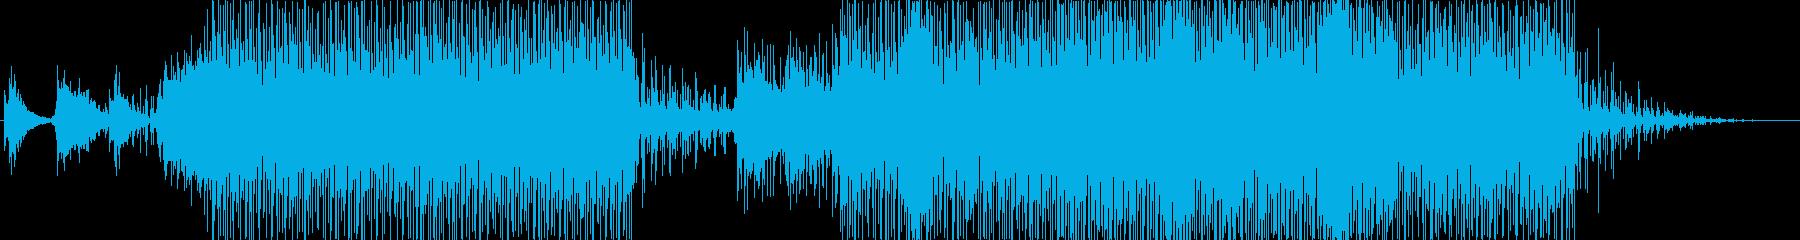 尺八をフィーチャーした日本的なEDMの再生済みの波形